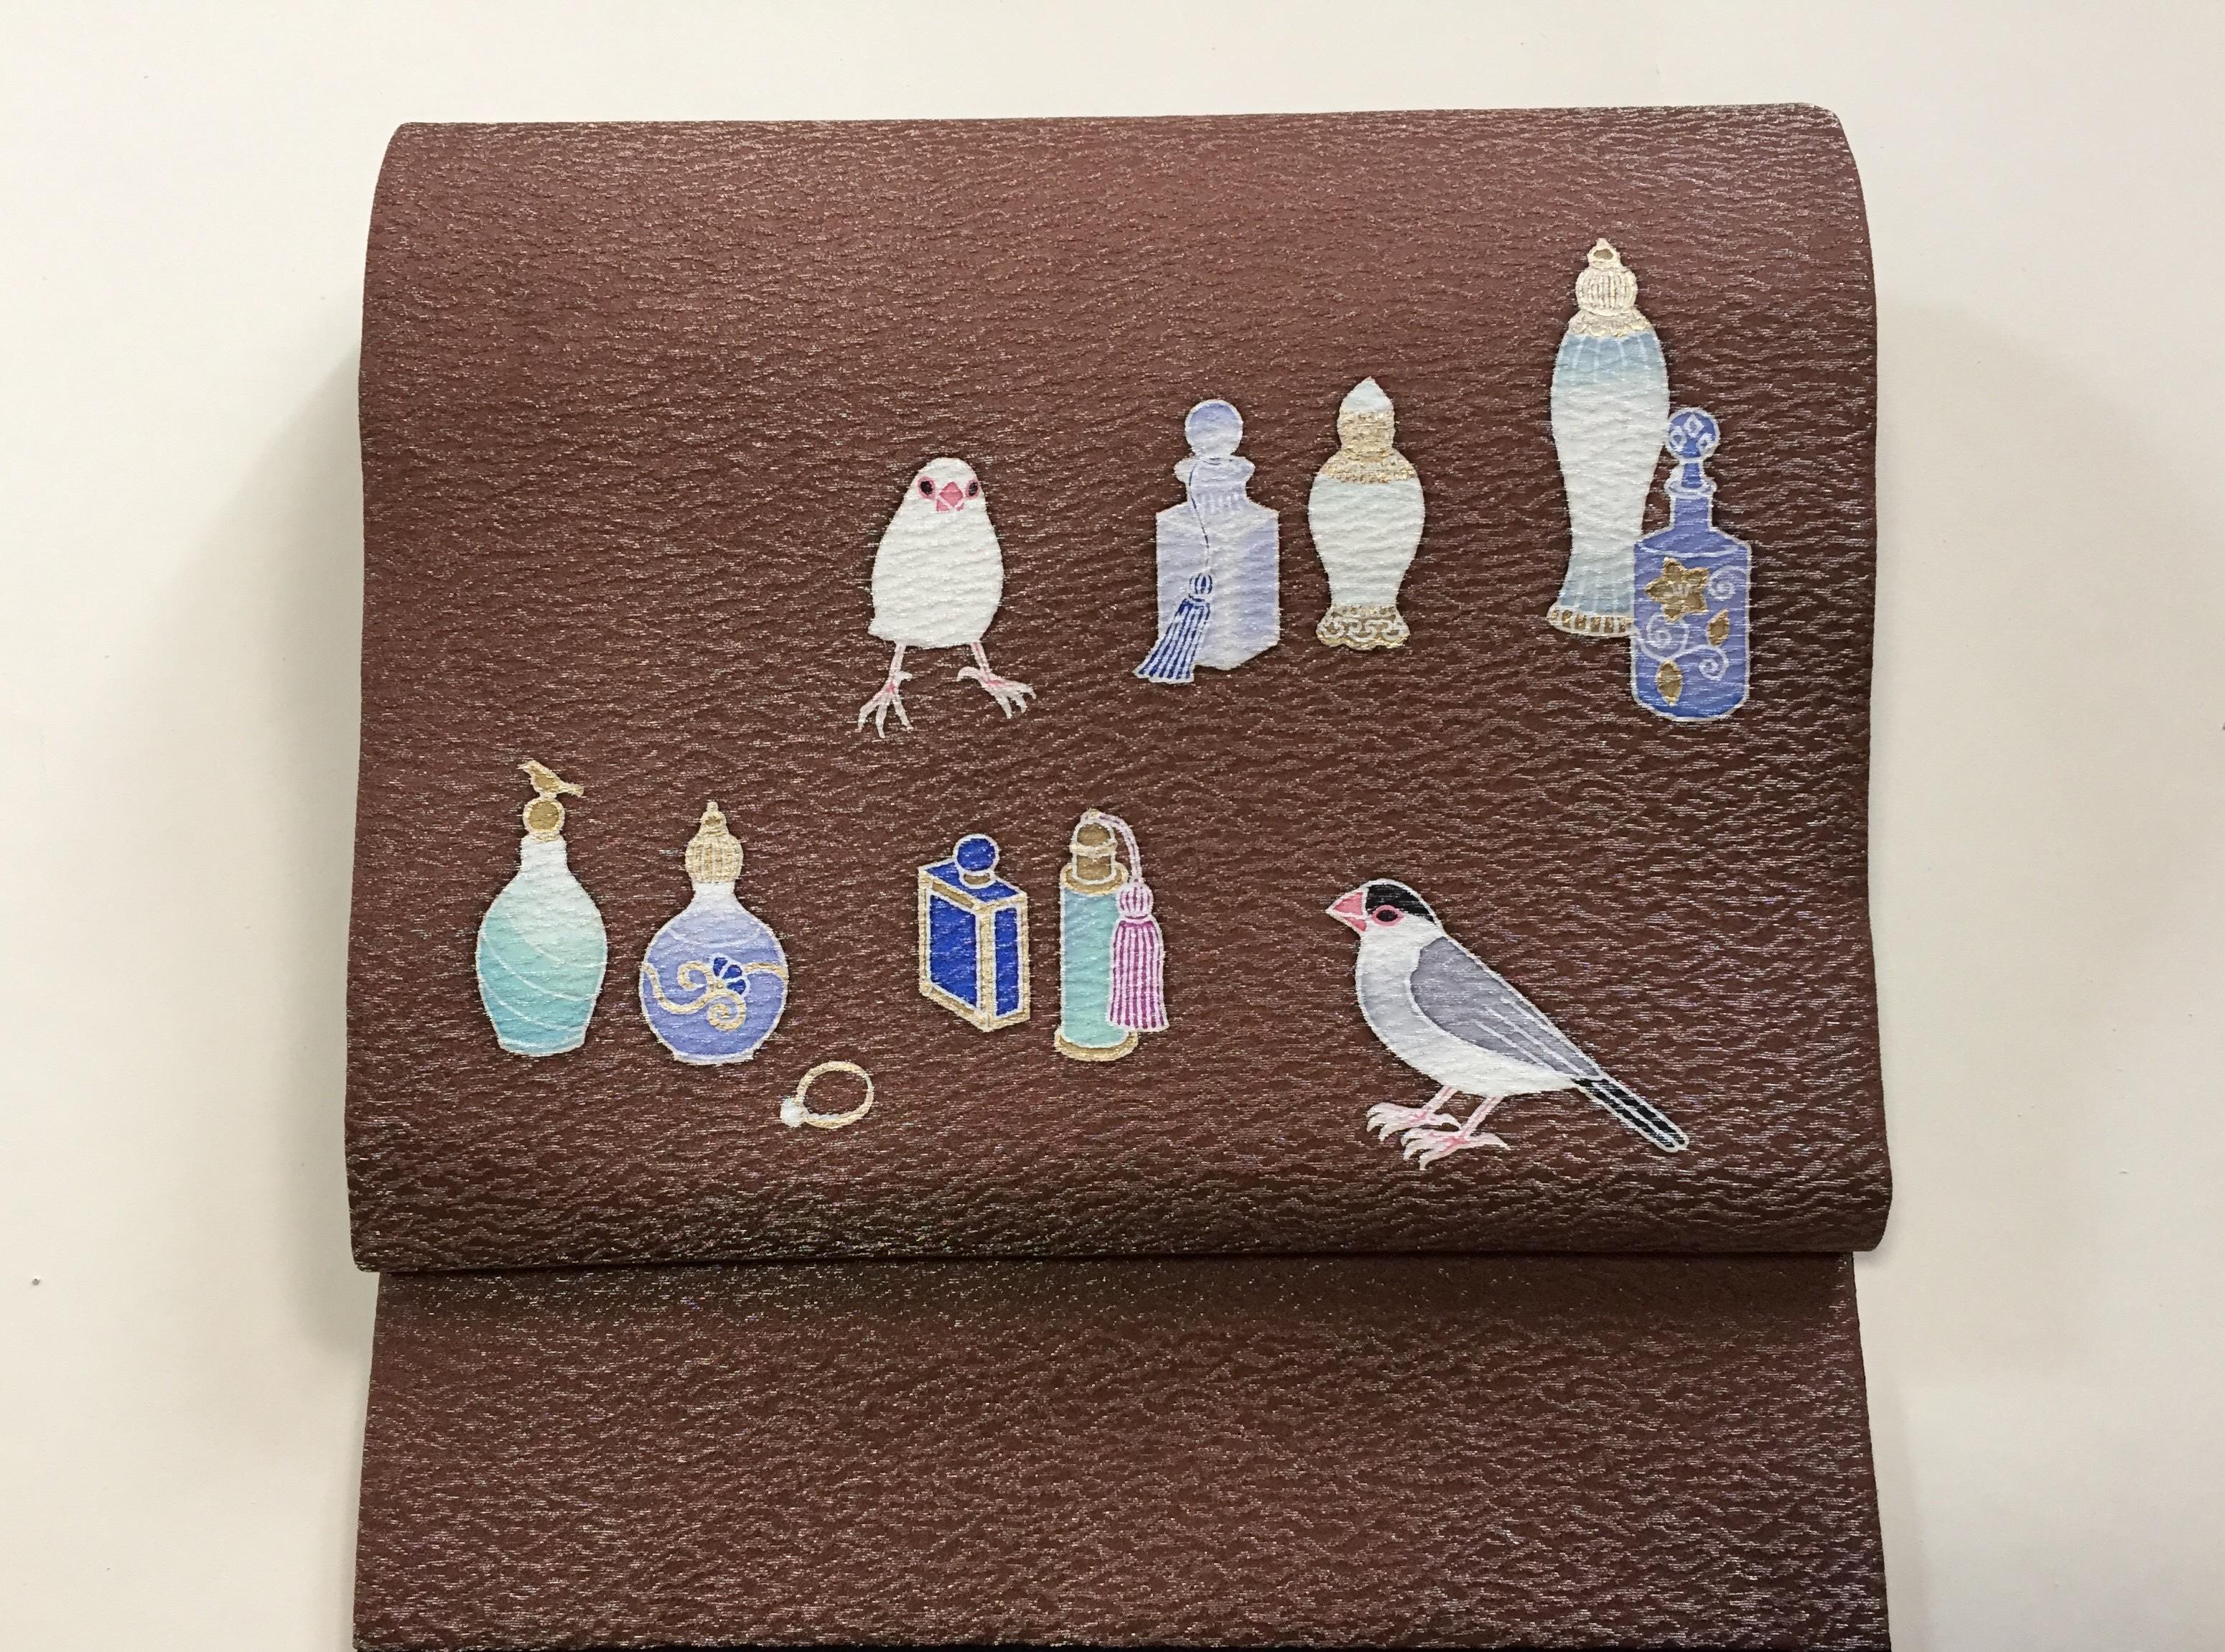 昼夜帯   文鳥と香水瓶(ユキヤ)×ポインセチア(町田久美子) 【即納品】